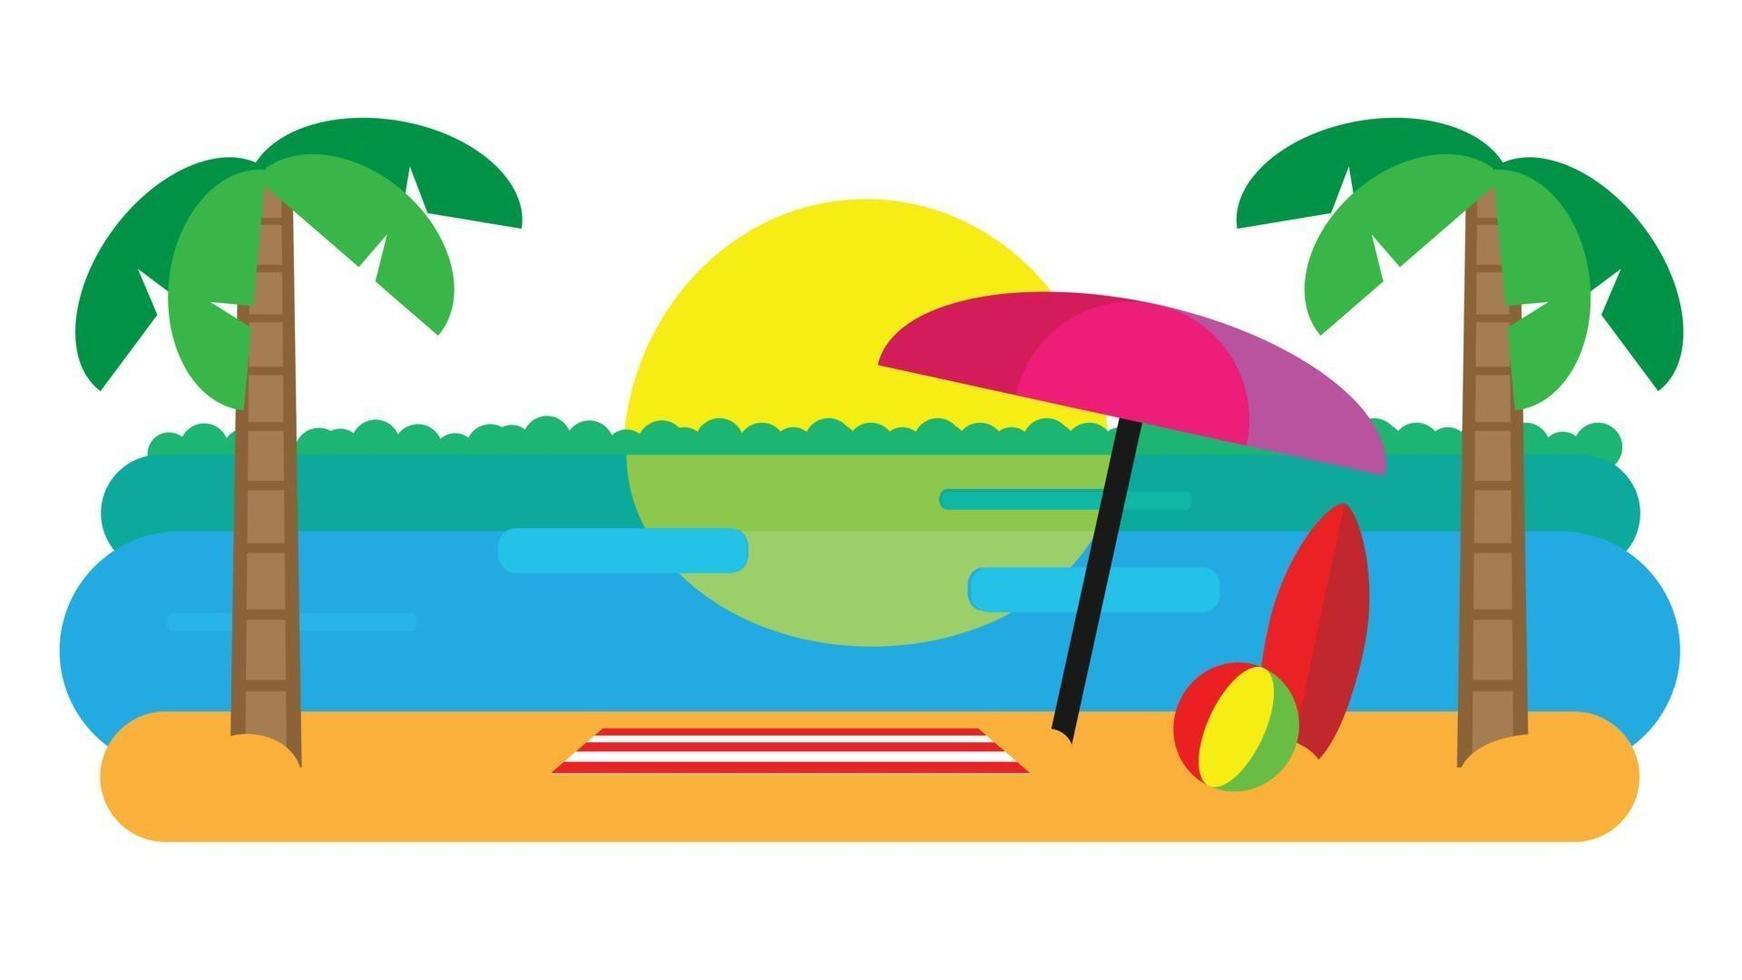 Beach Landscape with Beach Umbrella, Mat, Surfboard and a Ball. Sunset beach landscape. Flat Design Vector illustration.